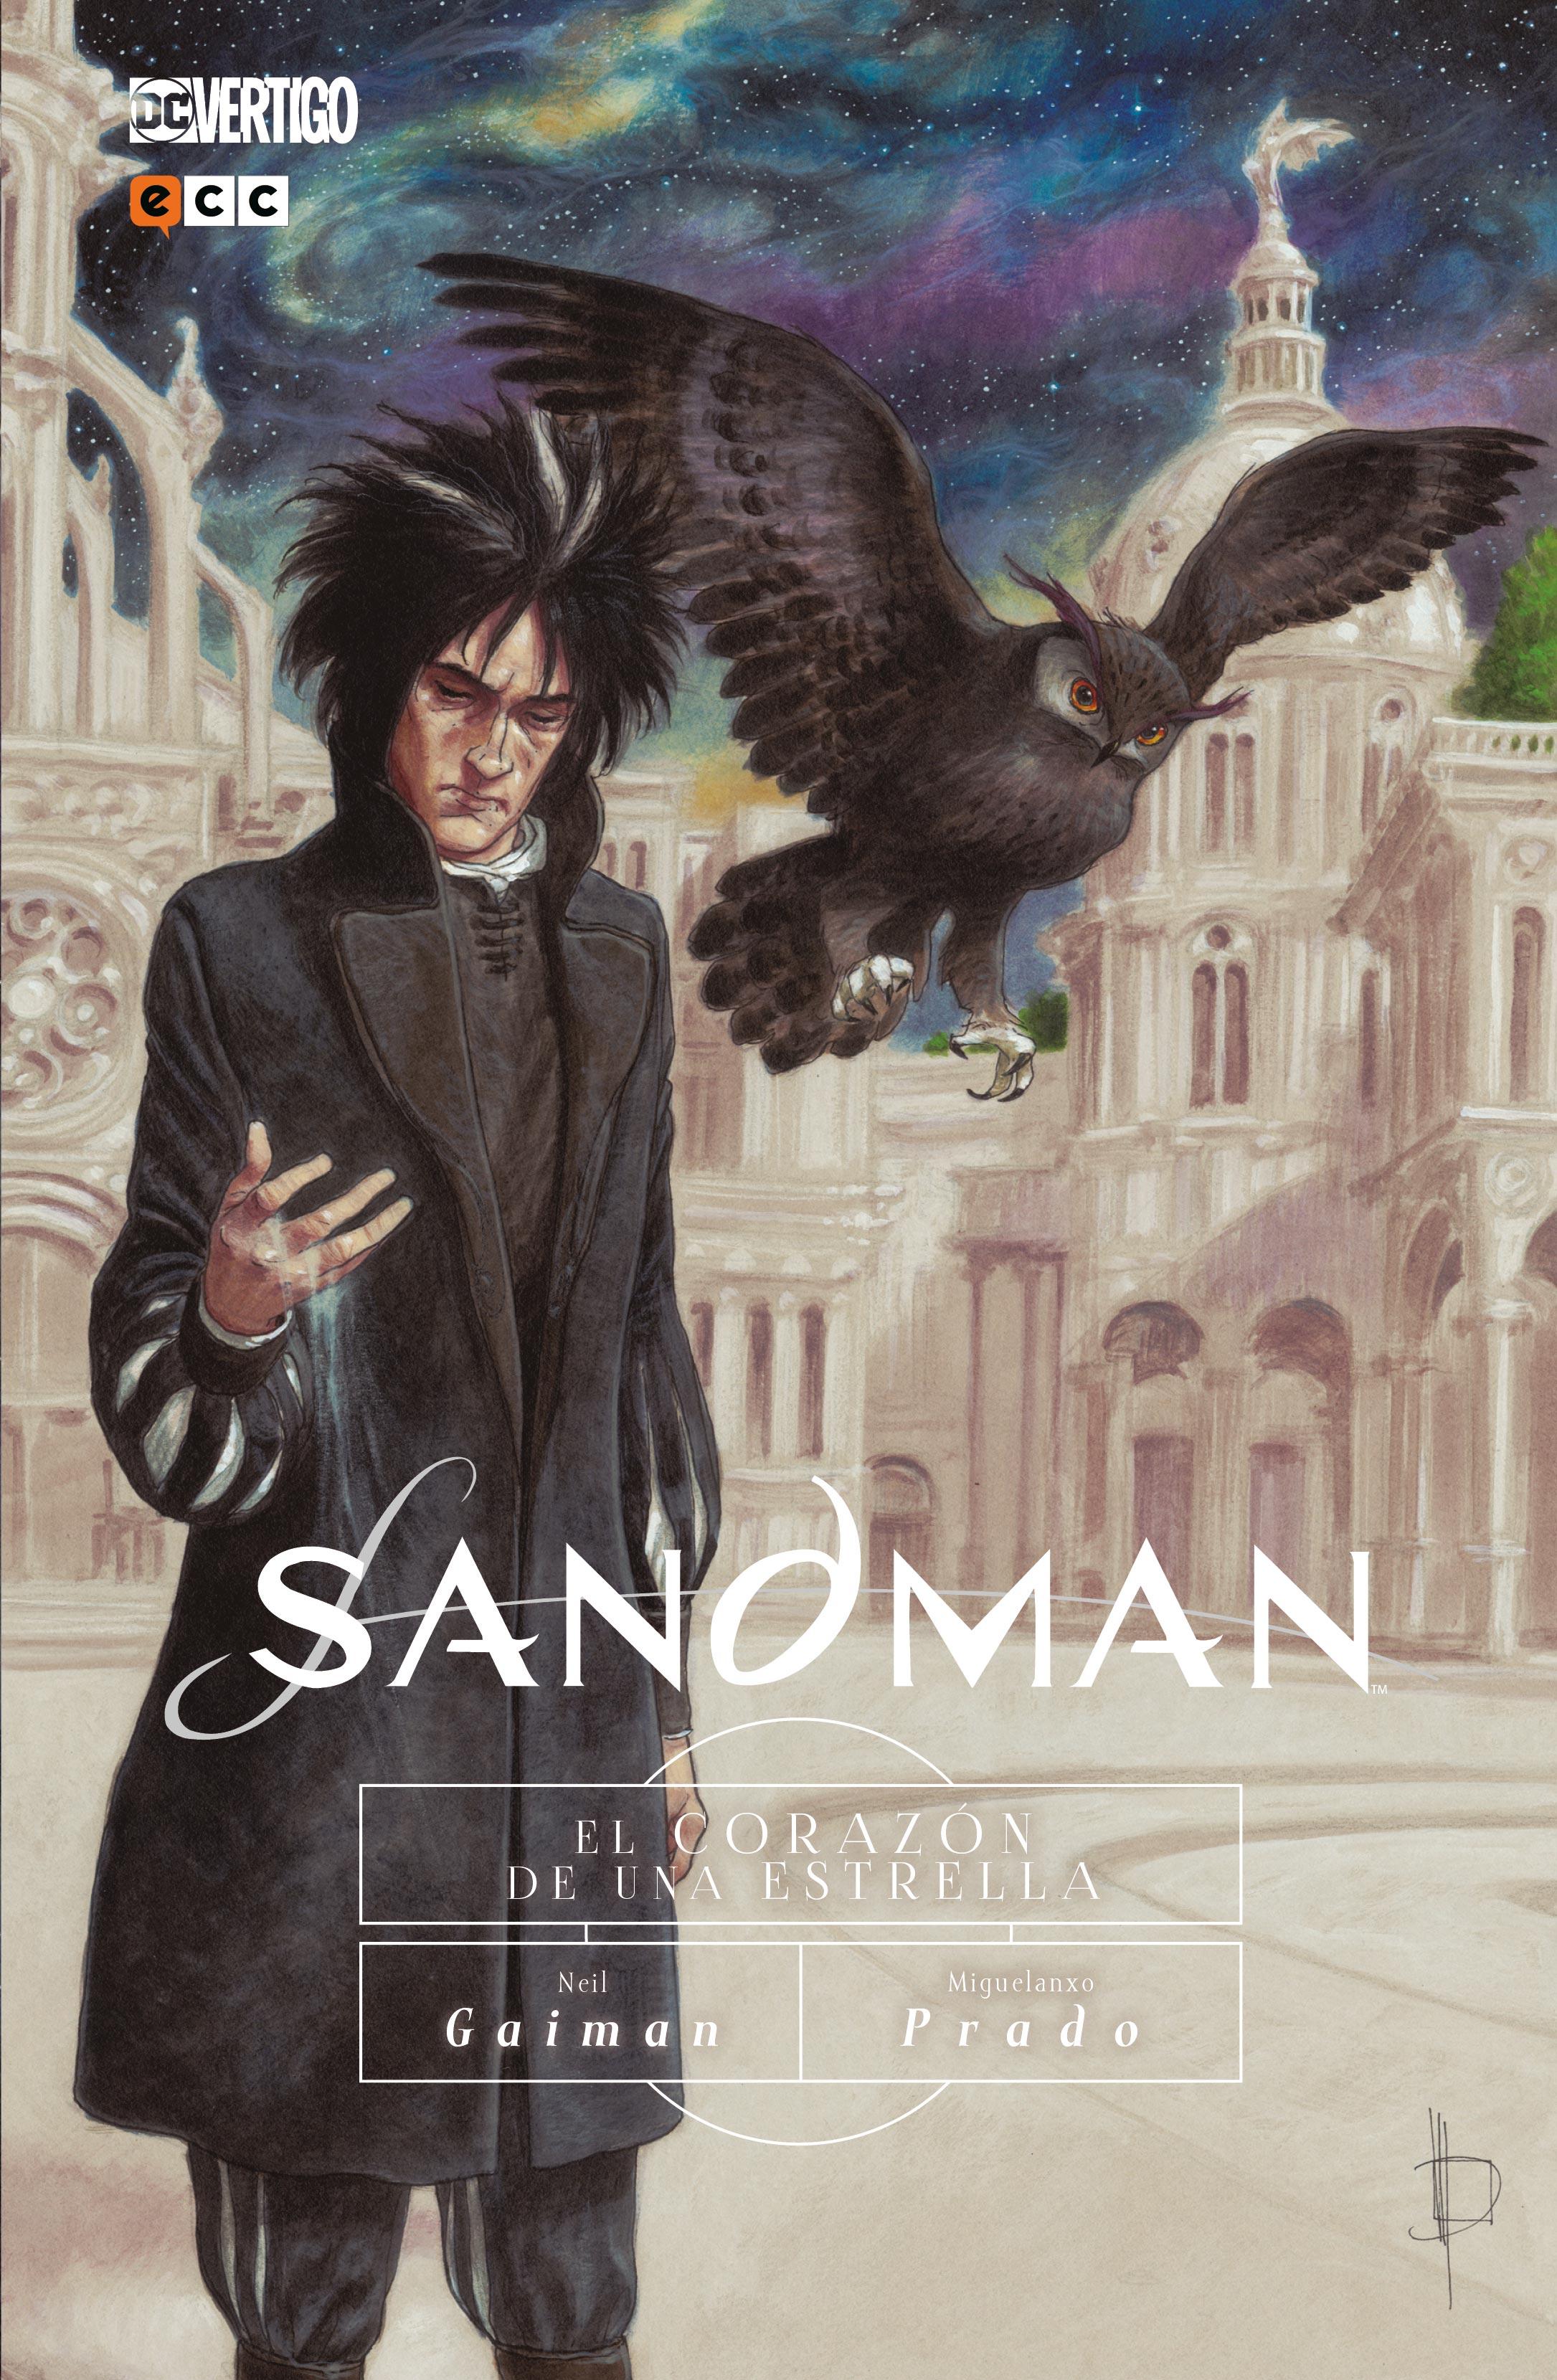 Sandman: El corazón de una estrella (Edición especial